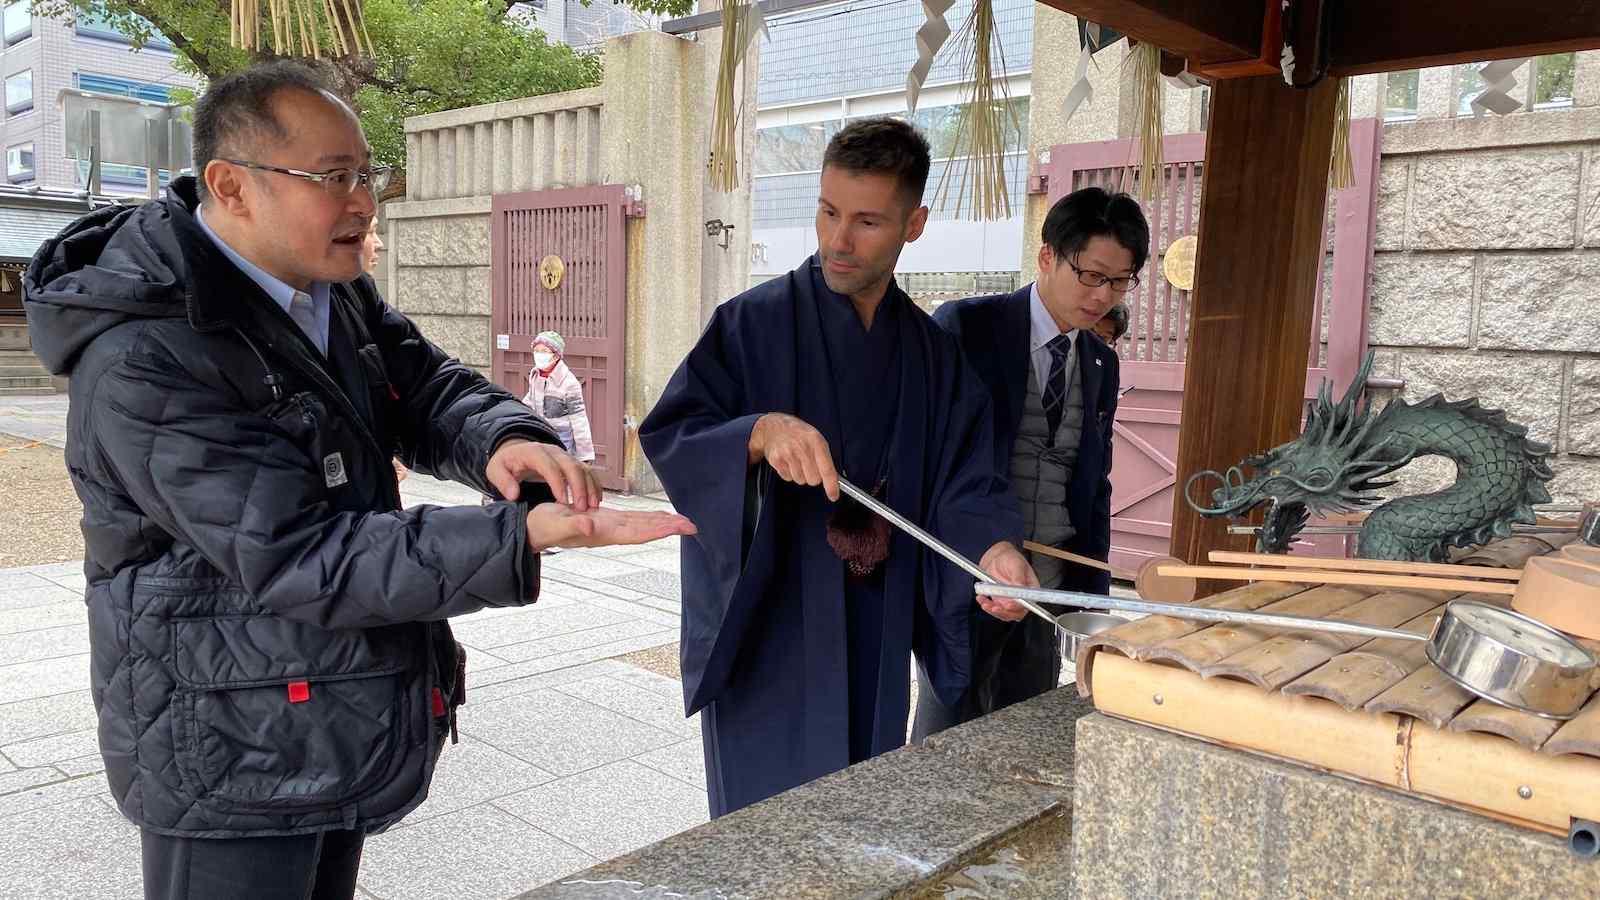 Aprenda algumas gírias gays japonesas antes de visitar o país